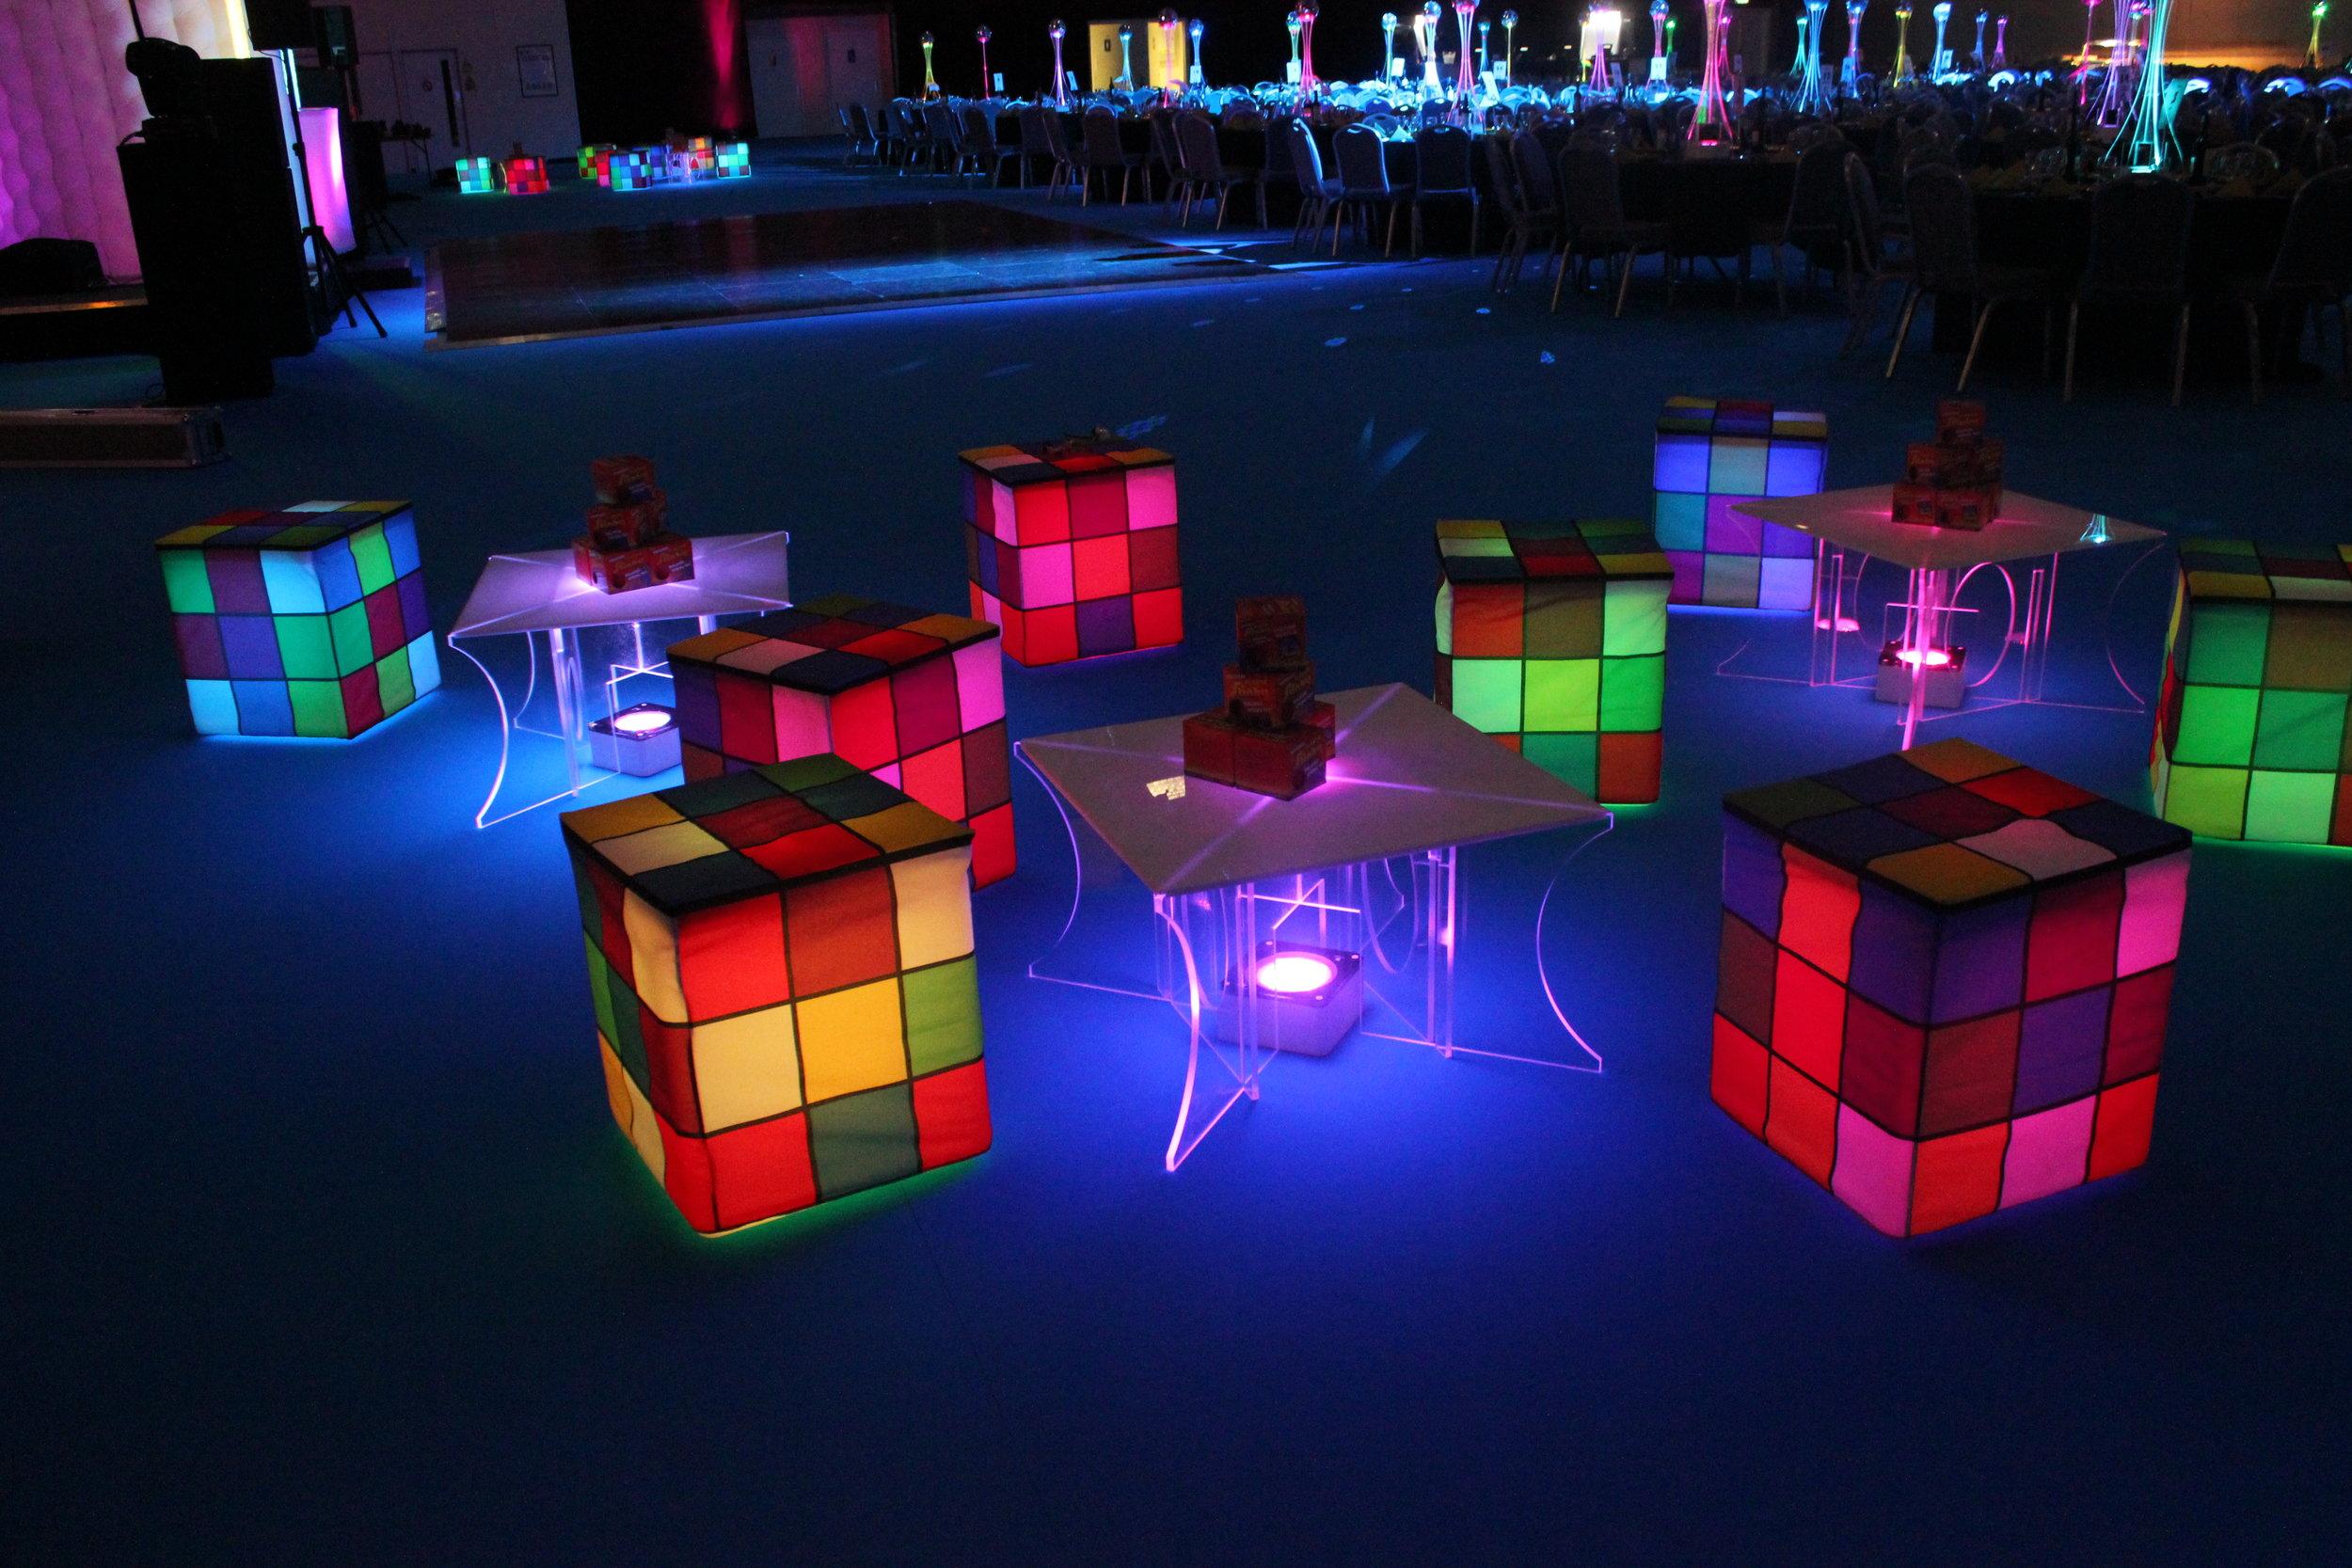 LED Rubik's cube chairs